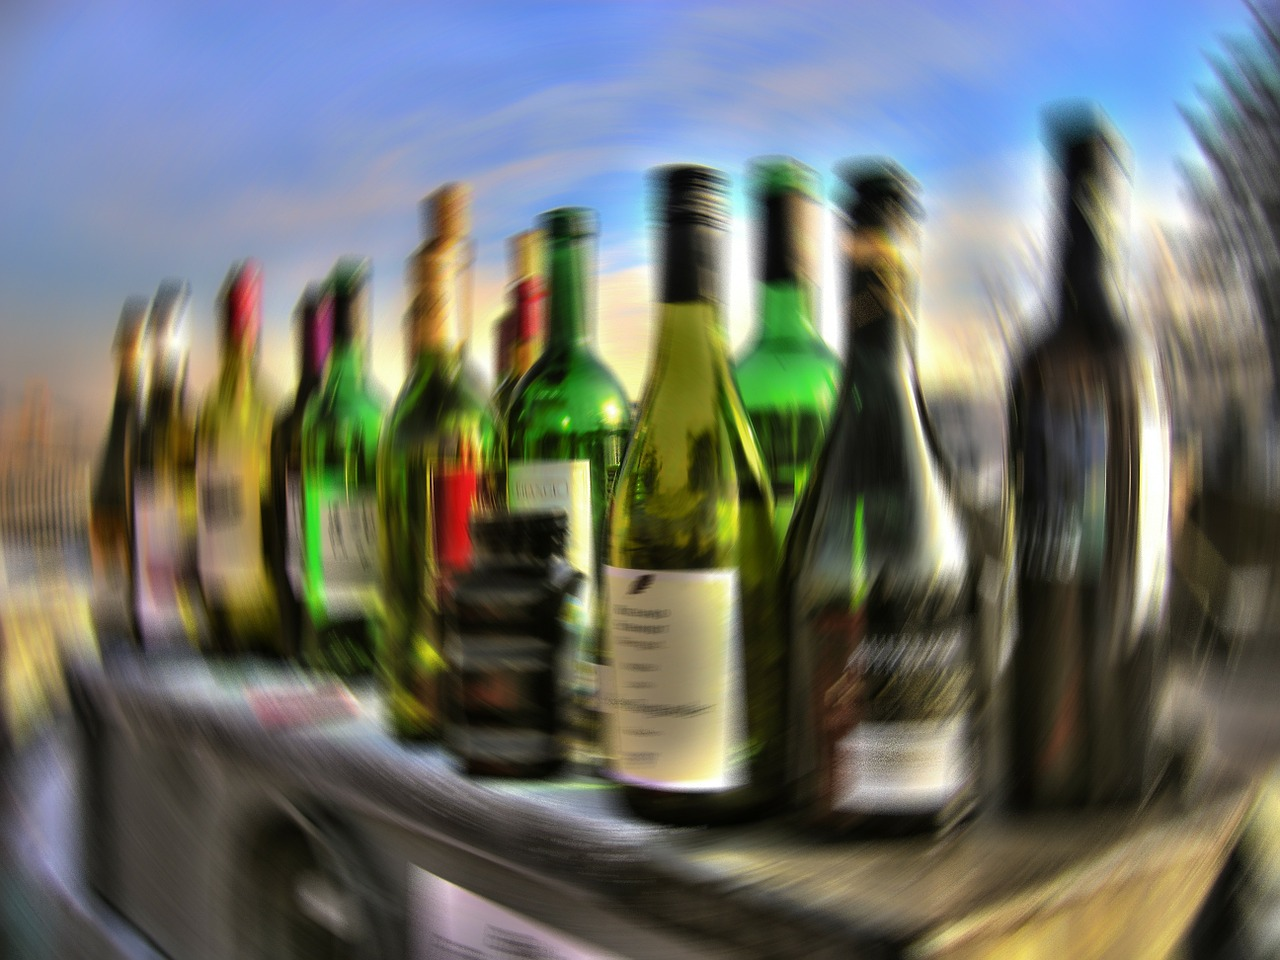 Jahrbuch Sucht 2020: Deutsche trinken über 131 Liter alkoholische Getränke jährlich